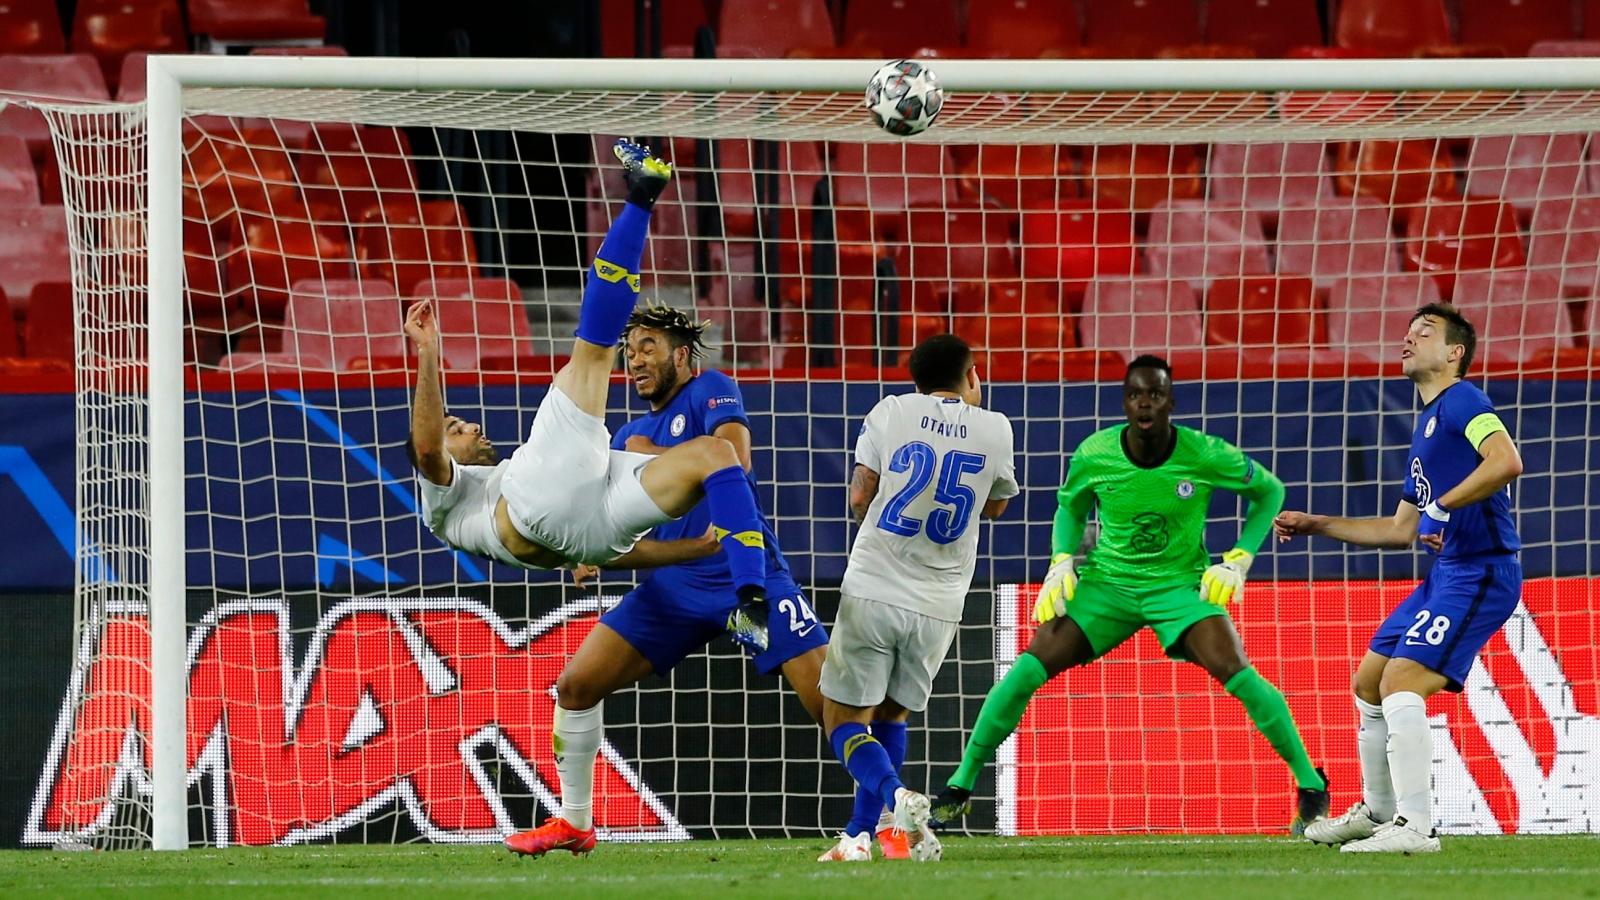 """Thế giới bóng đá """"phát cuồng"""" vì siêu phẩm của cầu thủ Iran vào lưới Chelsea"""